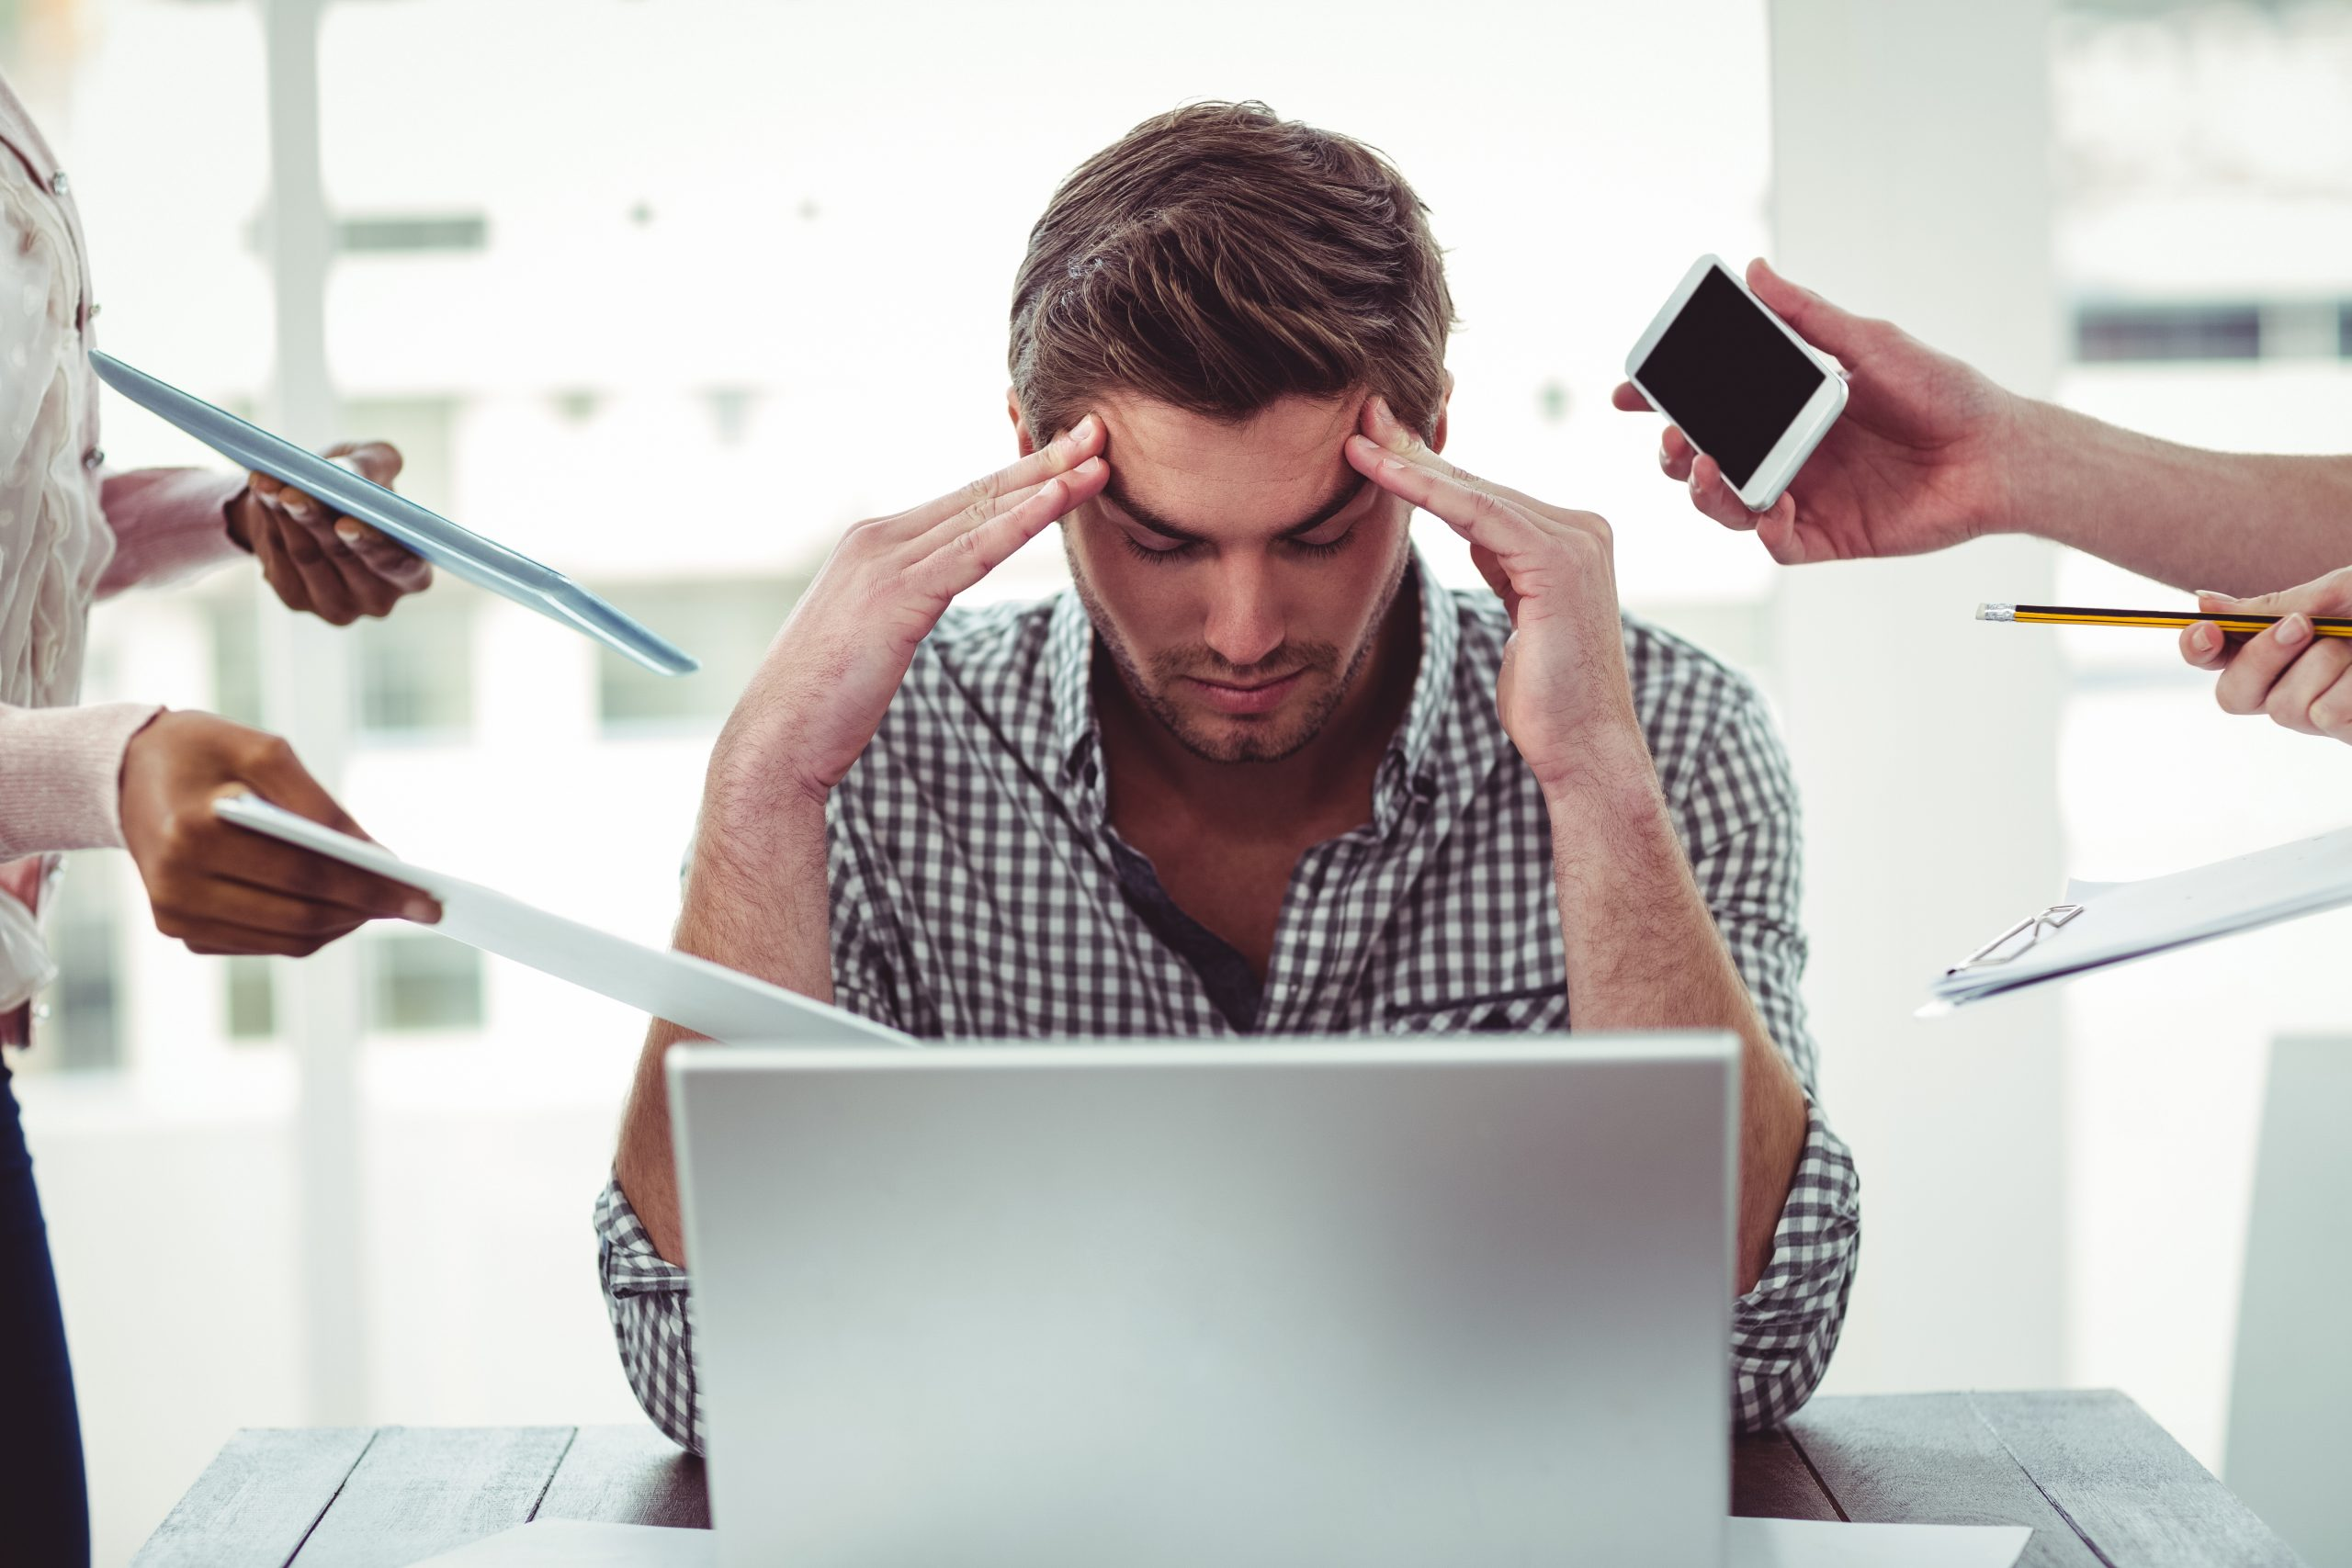 Ontdek wat jouw stressfactoren zijn en hoe je goed met stress kunt omgaan, zelfs in stressvolle situaties.